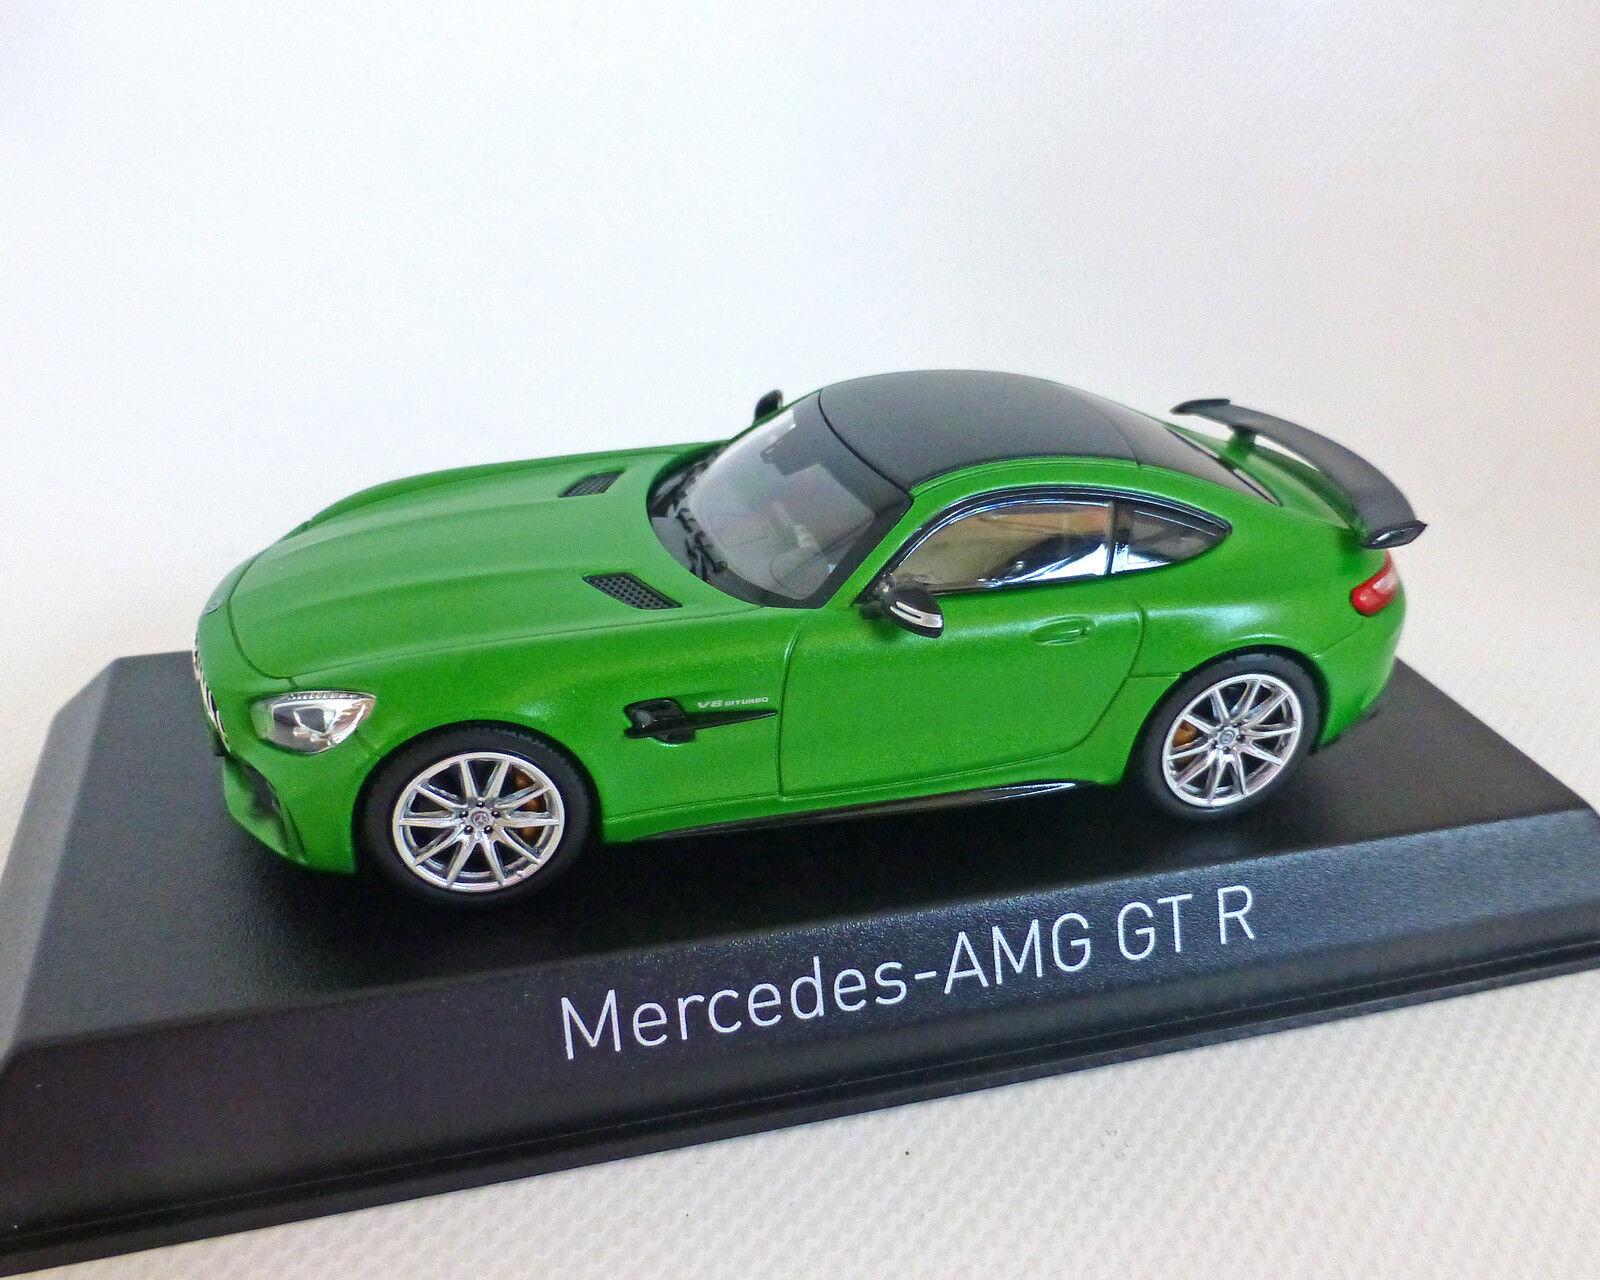 Mercedes-Benz AMG Gt R, verde-met. 1 43 , Norev